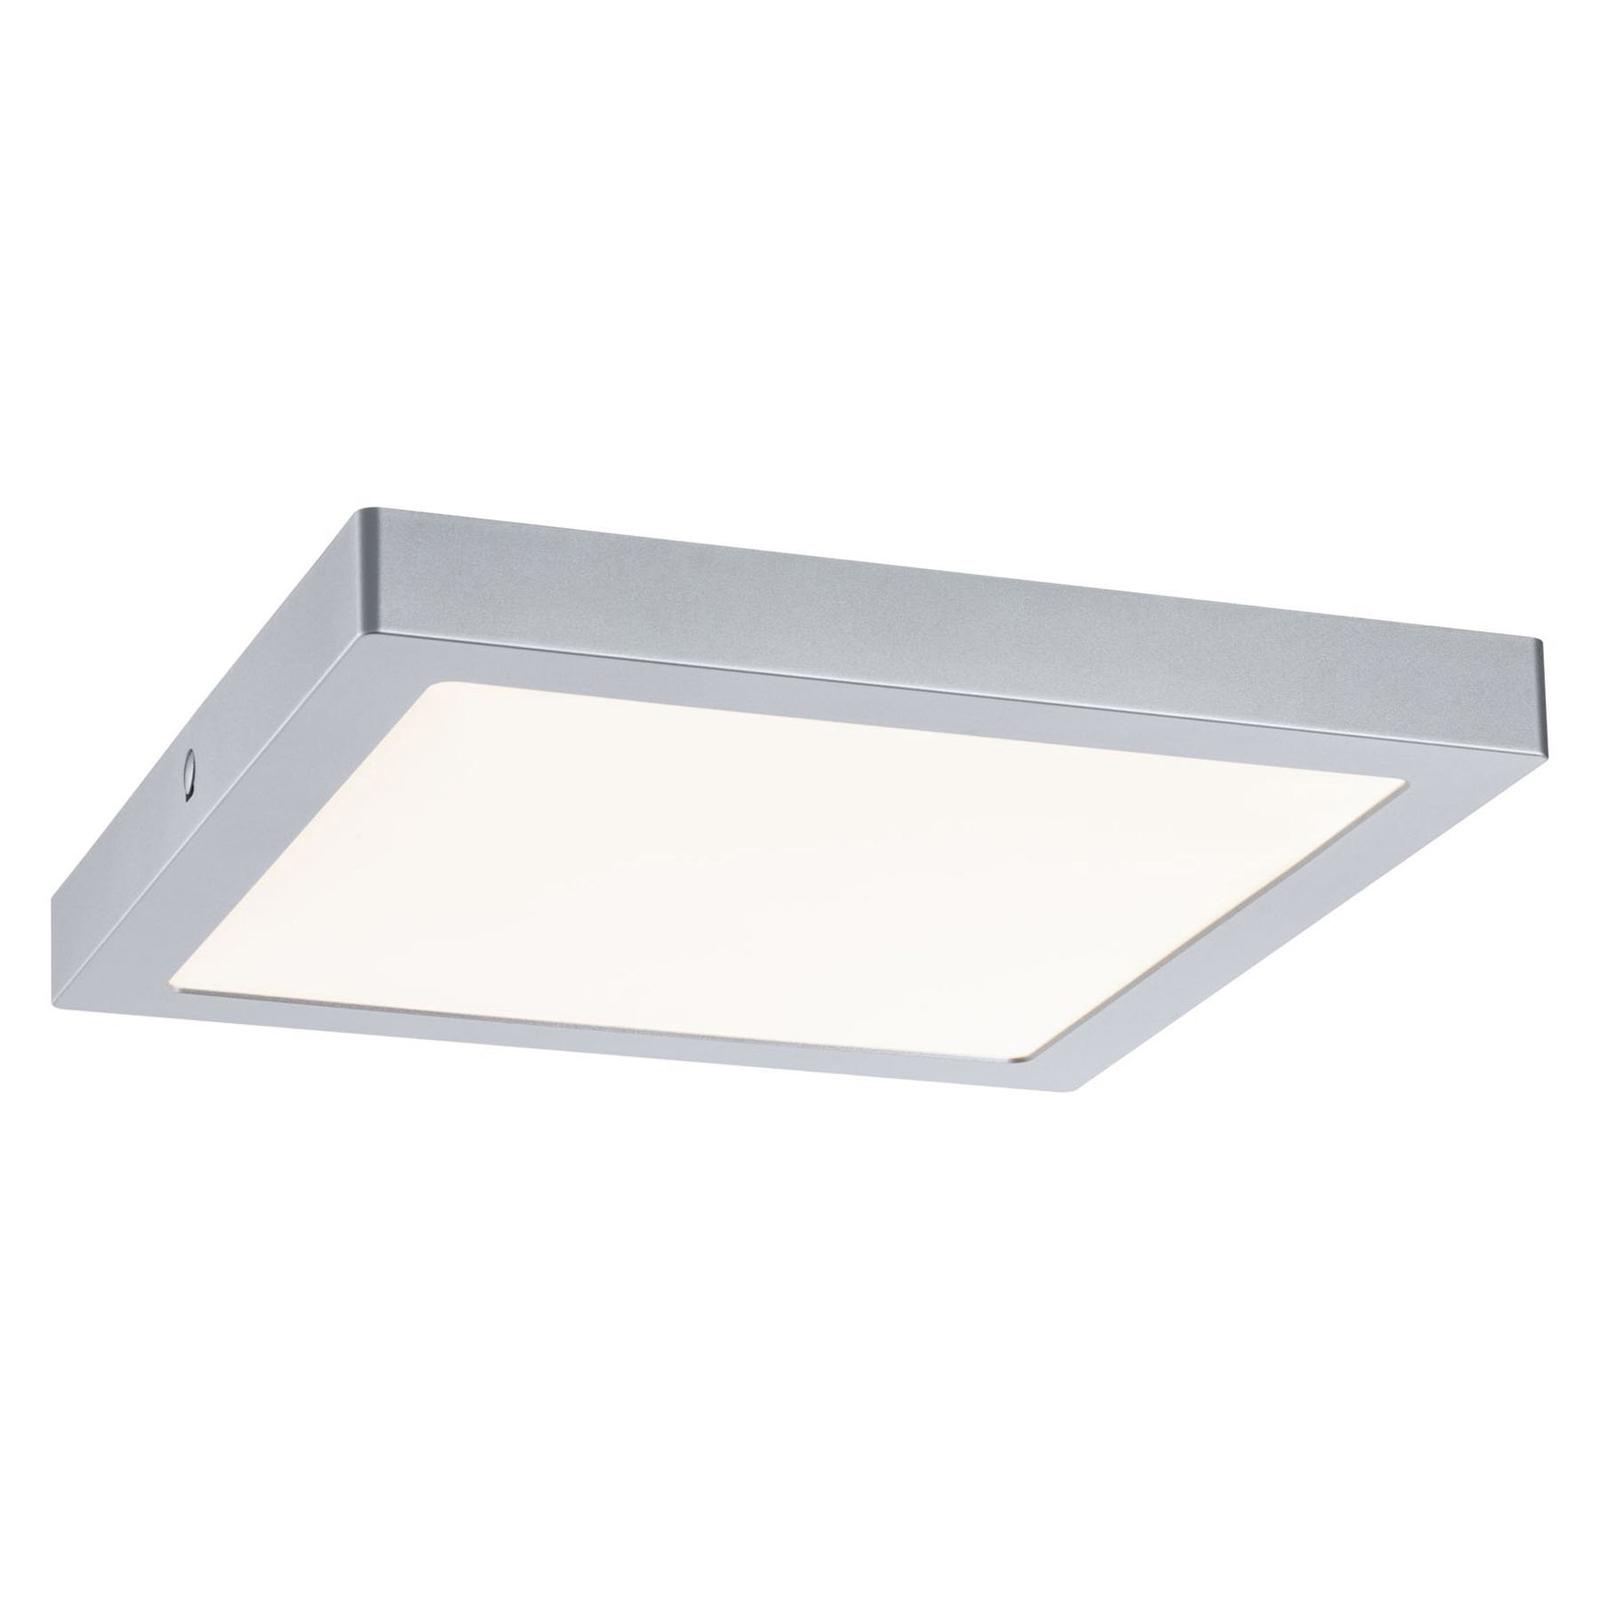 Paulmann Abia LED stropní světlo 30x30 cm chrom